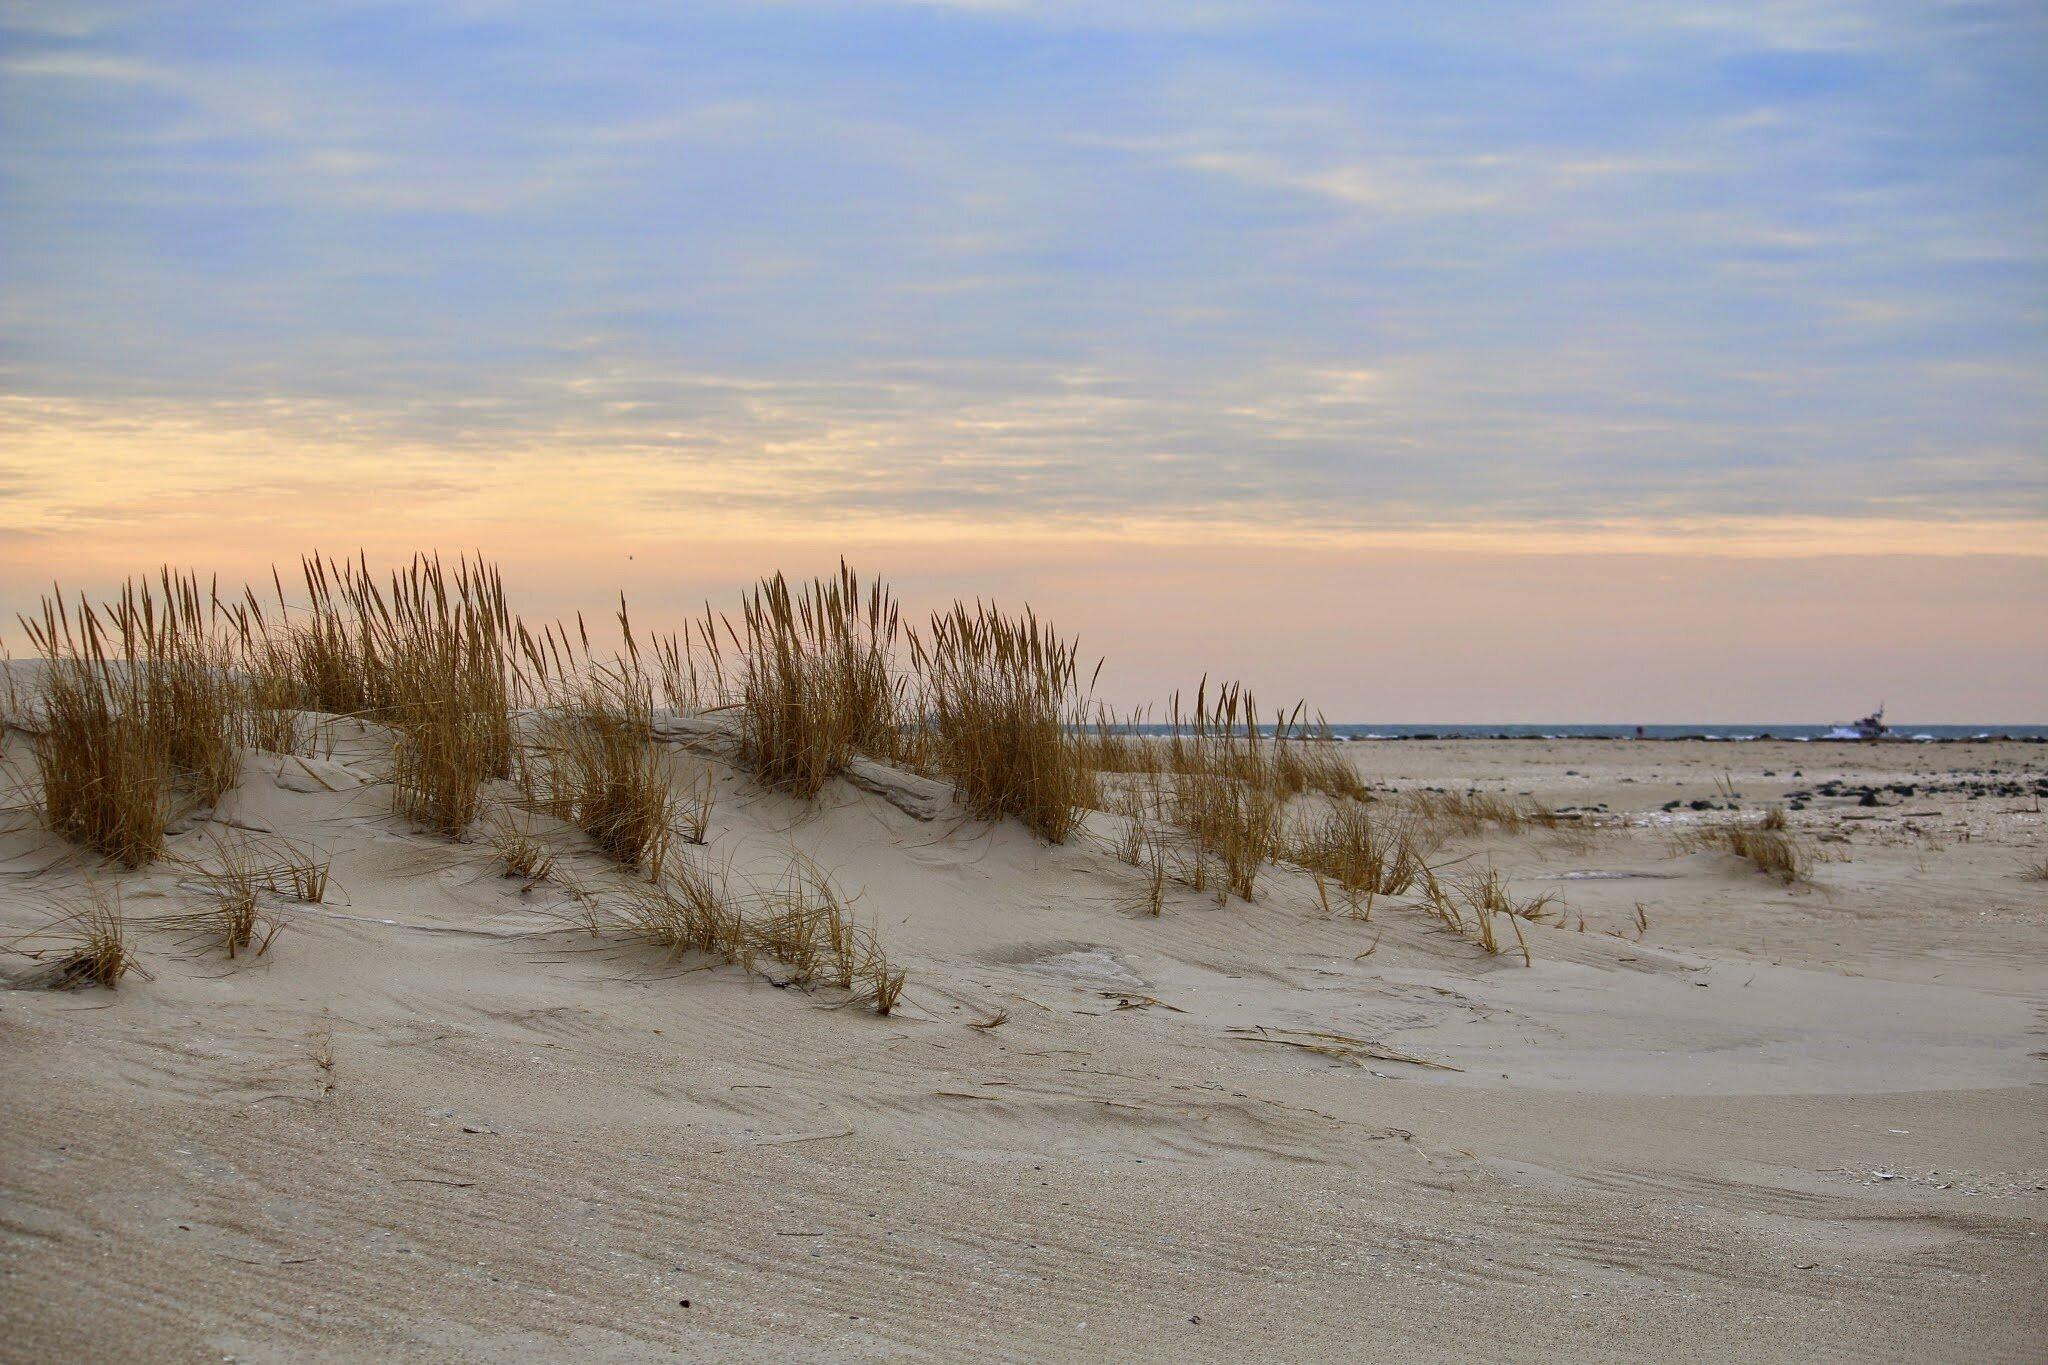 jones beach dunes and inlet.jpg